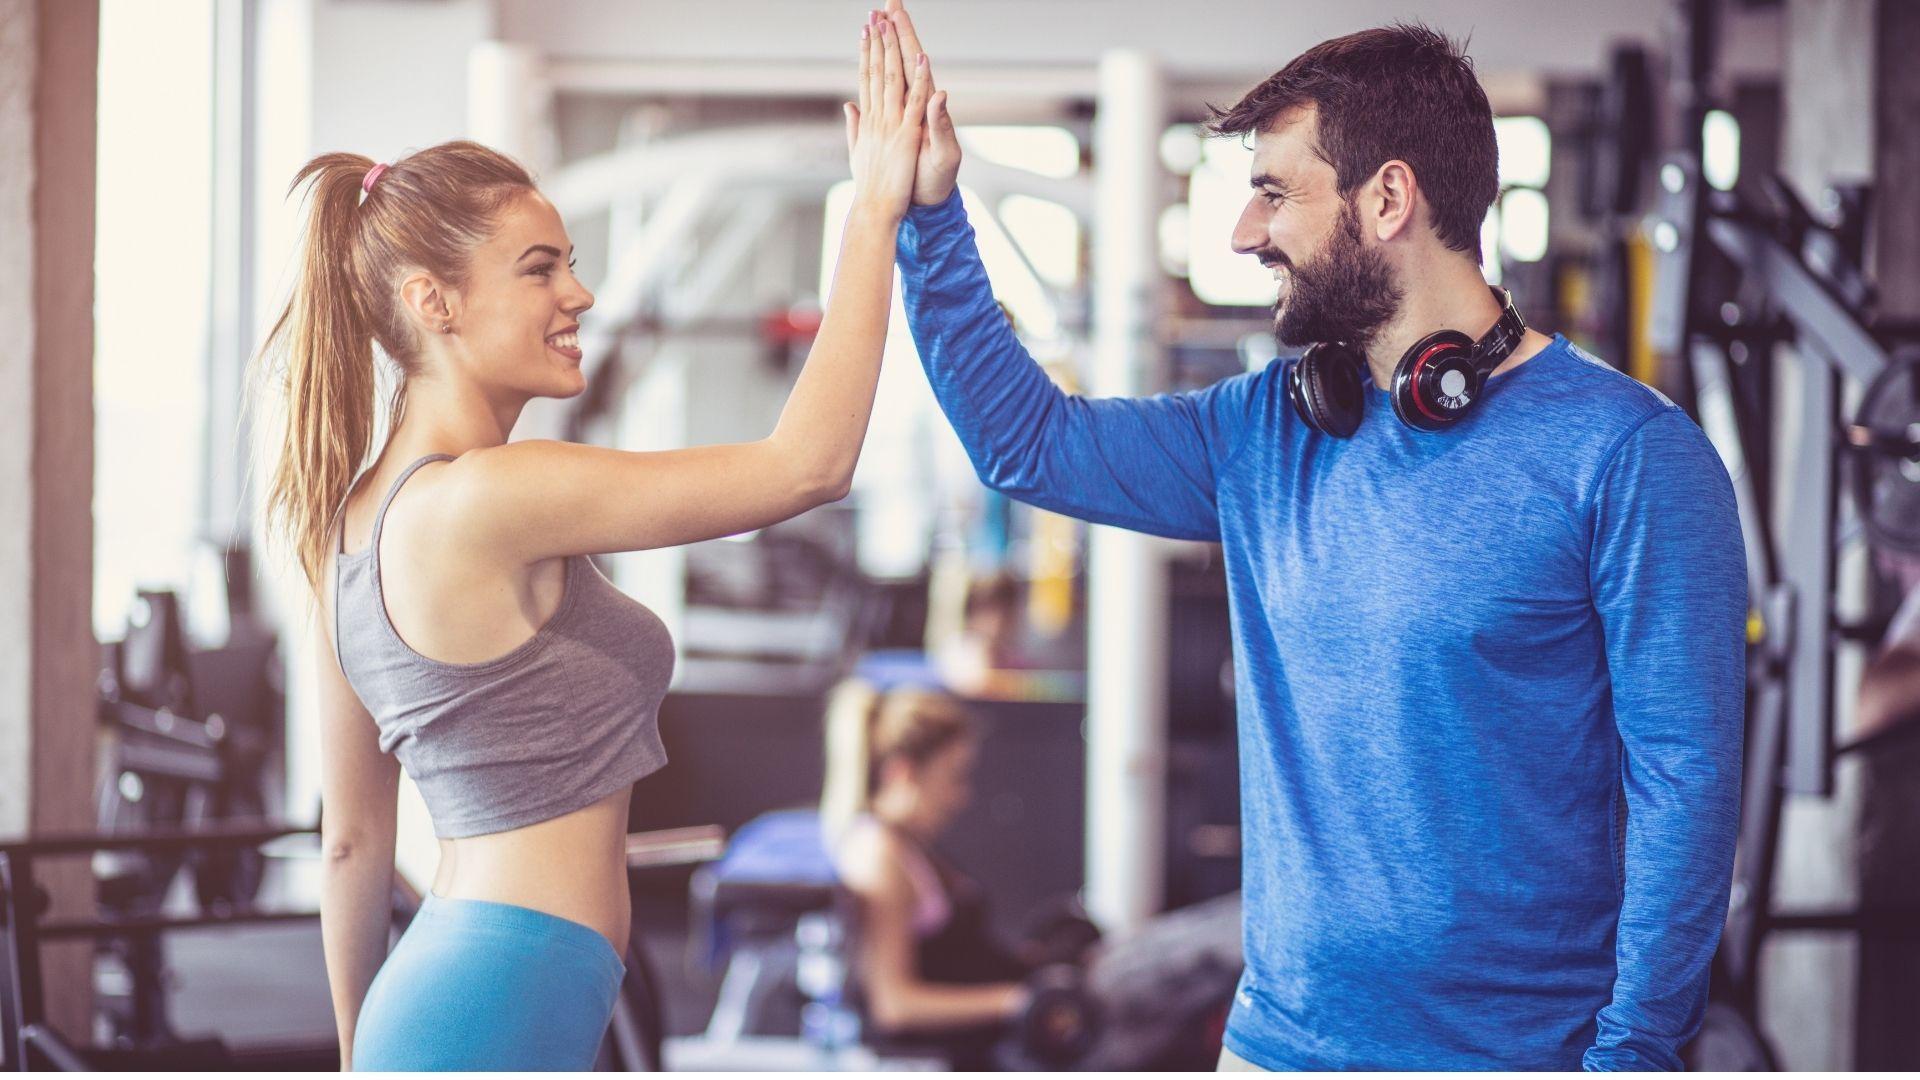 Ilustrasi setelah melakukan olahraga melakukan high five untuk mengurangi ketegangan otot. Foto edit by canva